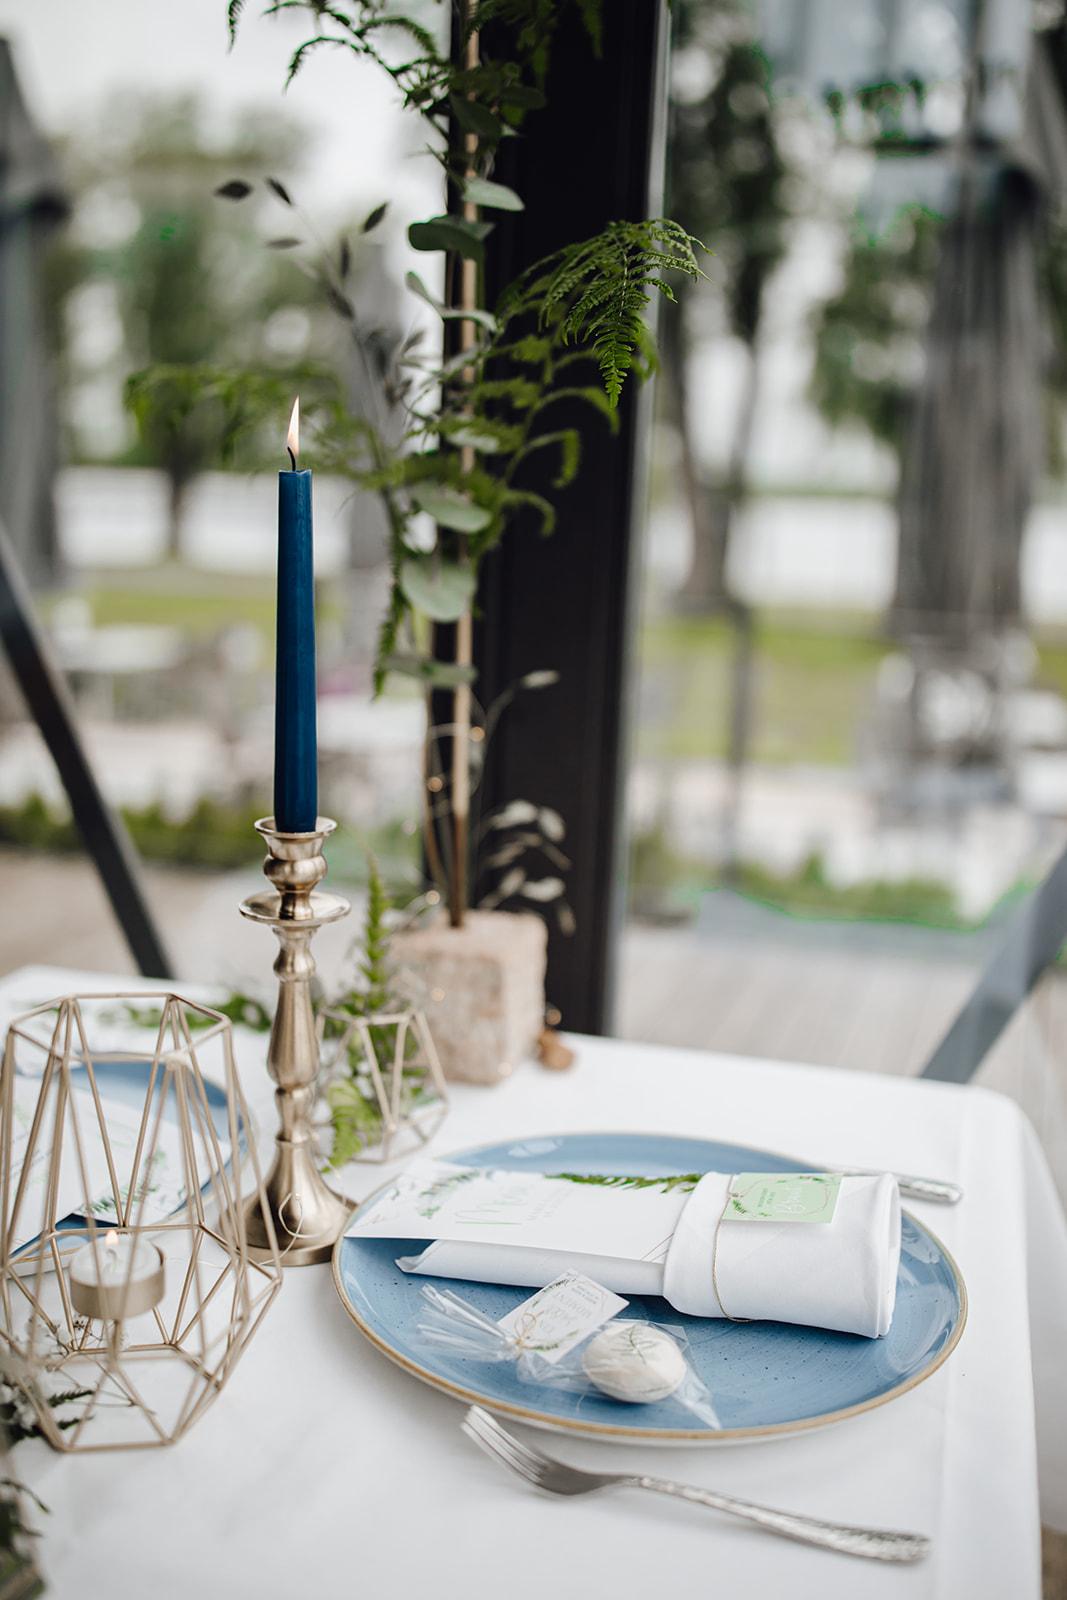 HeimArt Design Papeterie Chiemsee Hochzeit Greenery Wedding Tischdekoration Teller Menükarten Tischkarten Macaron Gastgeschenke